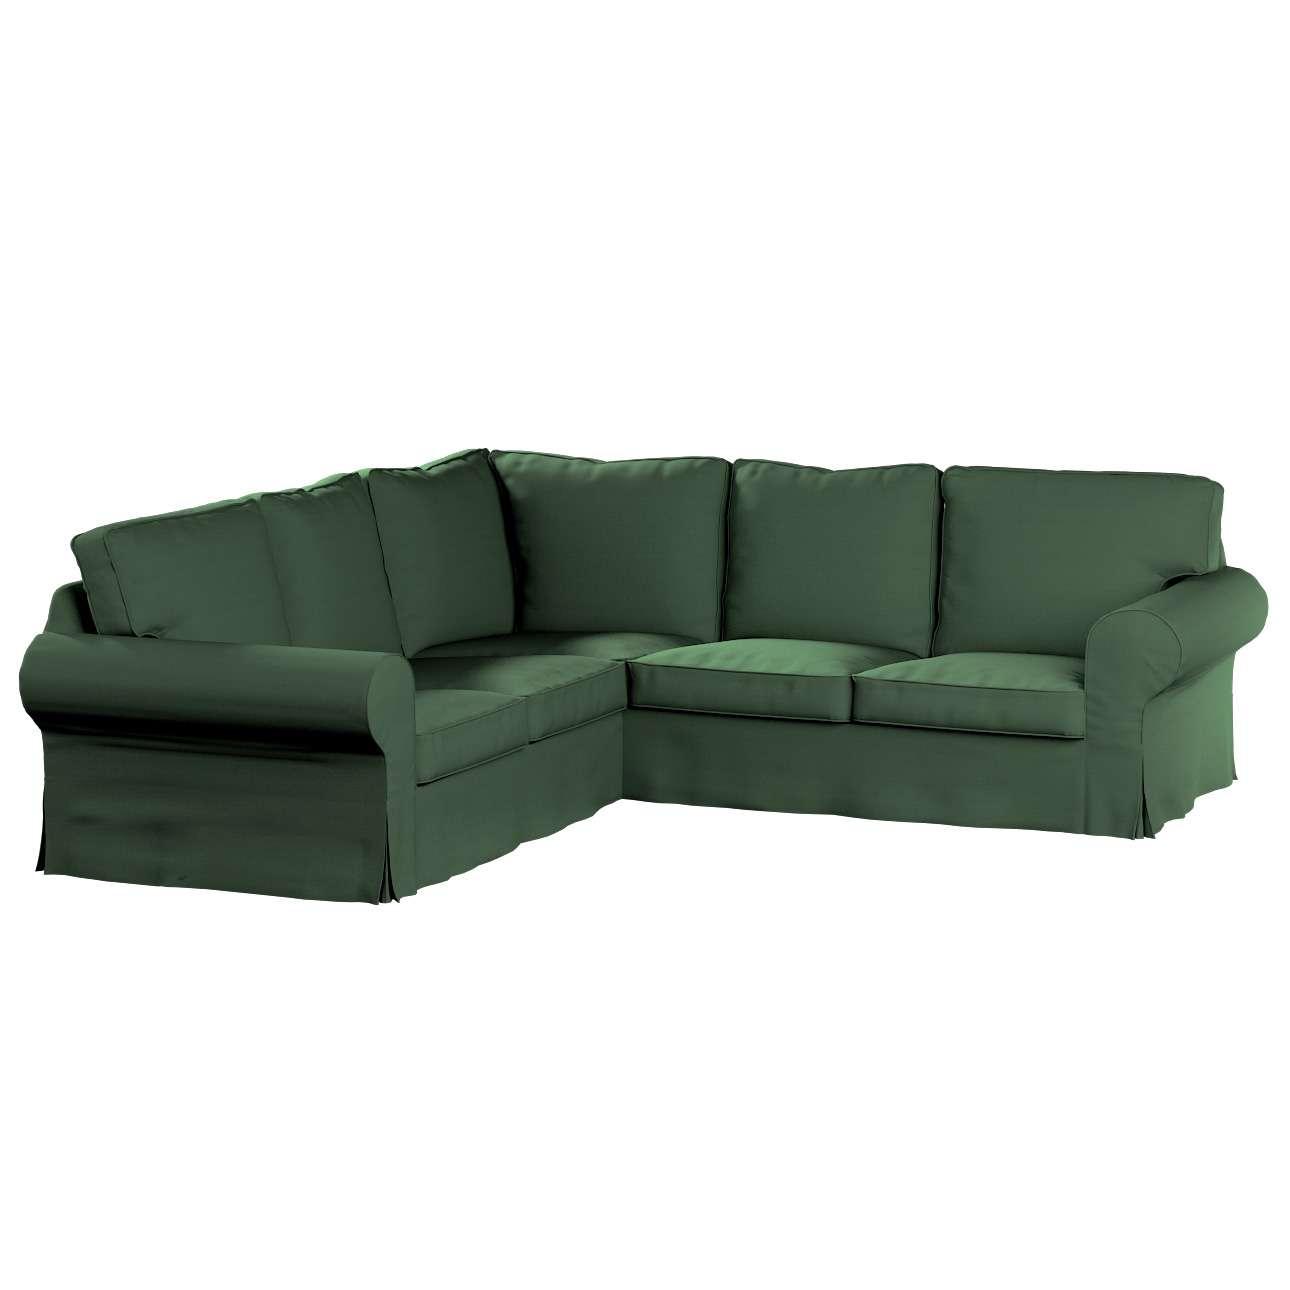 Pokrowiec na sofę narożną Ektorp w kolekcji Cotton Panama, tkanina: 702-06